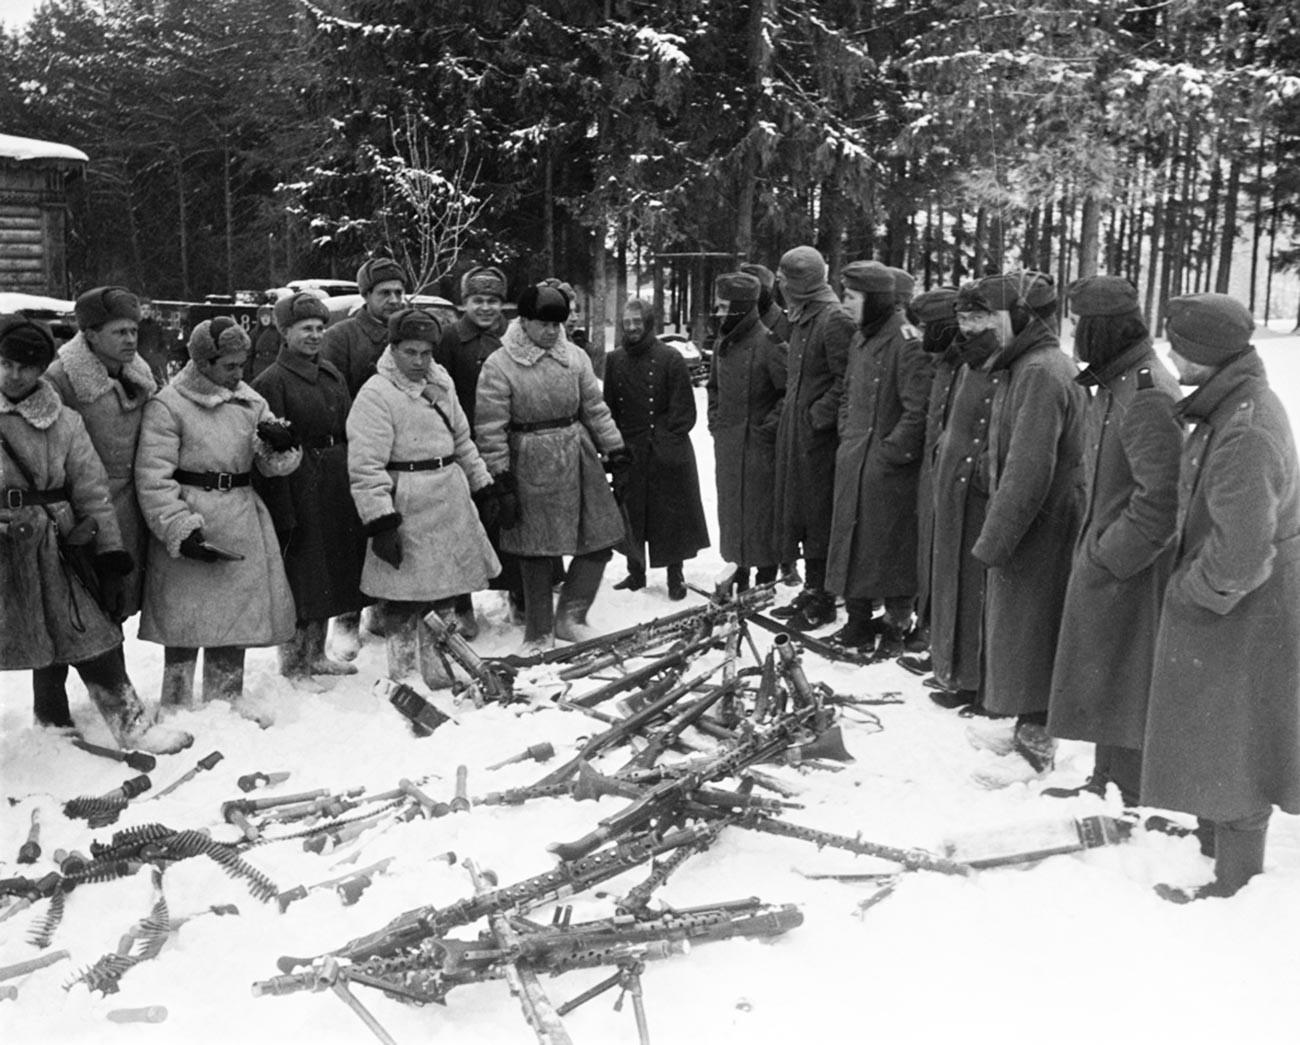 Les survivants de l'une des unités défaites de l'armée nazie remettent leurs armes